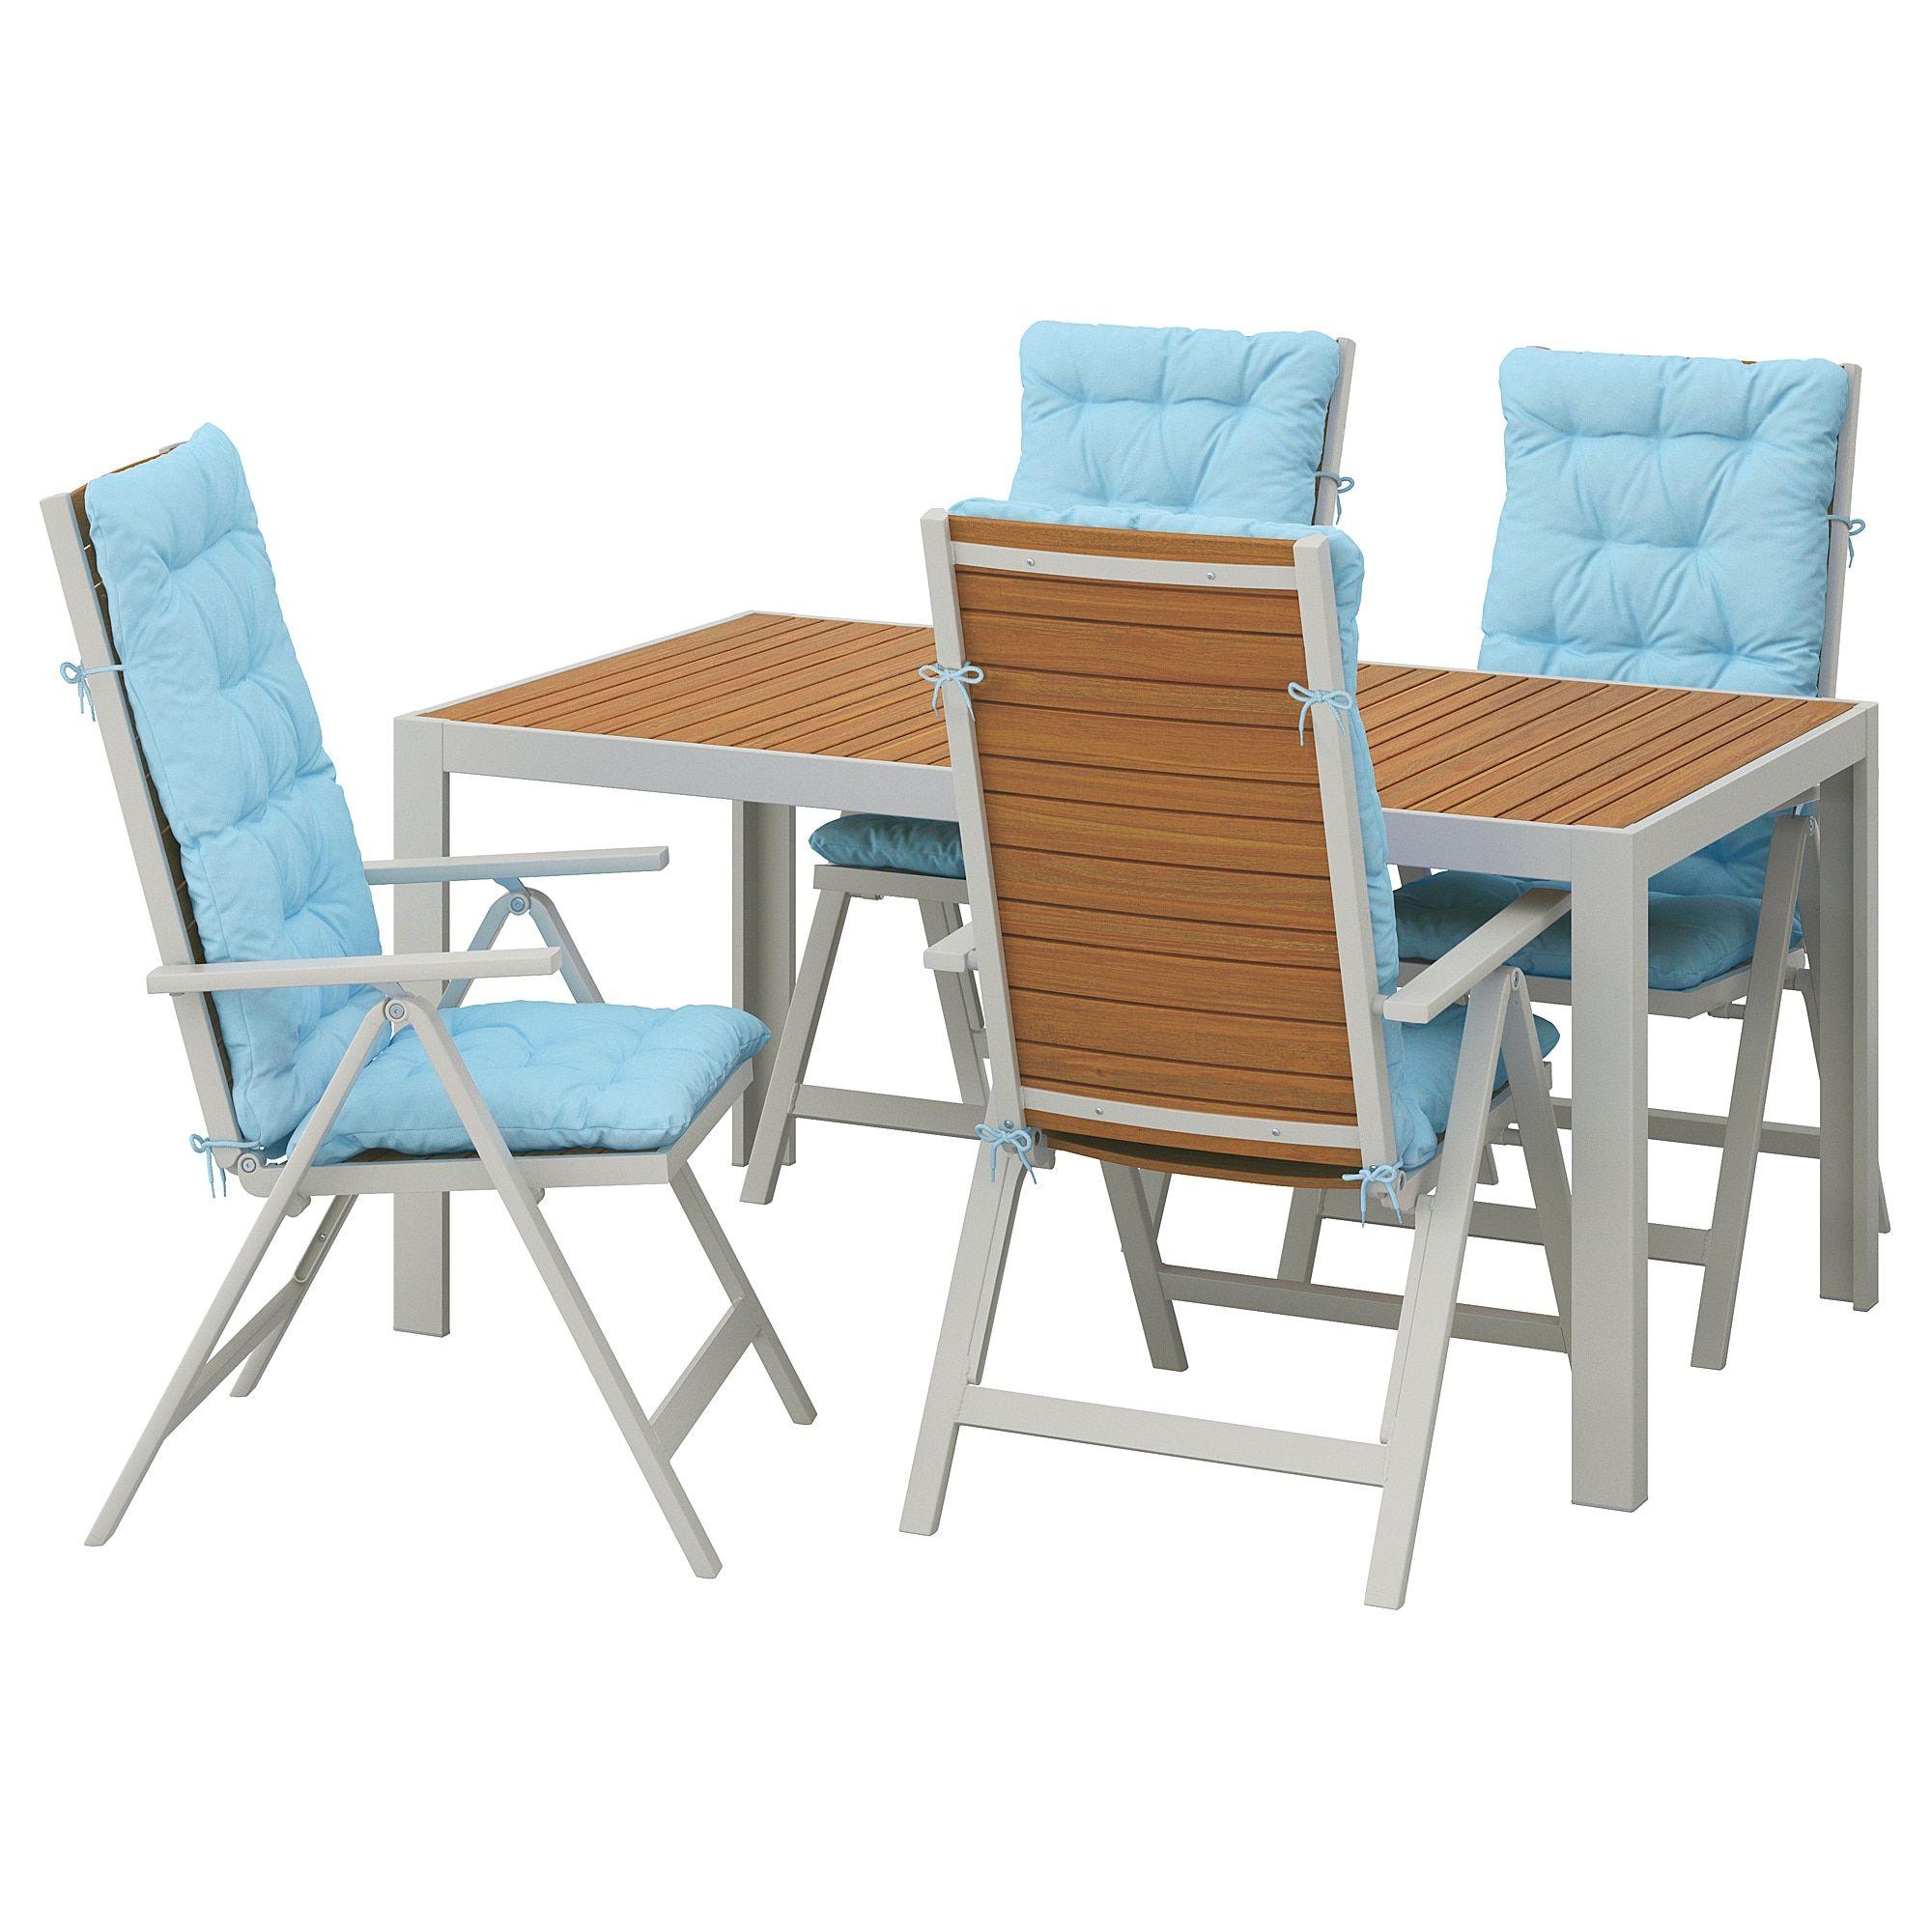 Full Size of Ikea Liegestuhl Sjlland Tisch 4 Hochlehner Auen Hellbraun Sofa Mit Schlaffunktion Küche Kaufen Garten Kosten Modulküche Miniküche Betten Bei 160x200 Wohnzimmer Ikea Liegestuhl